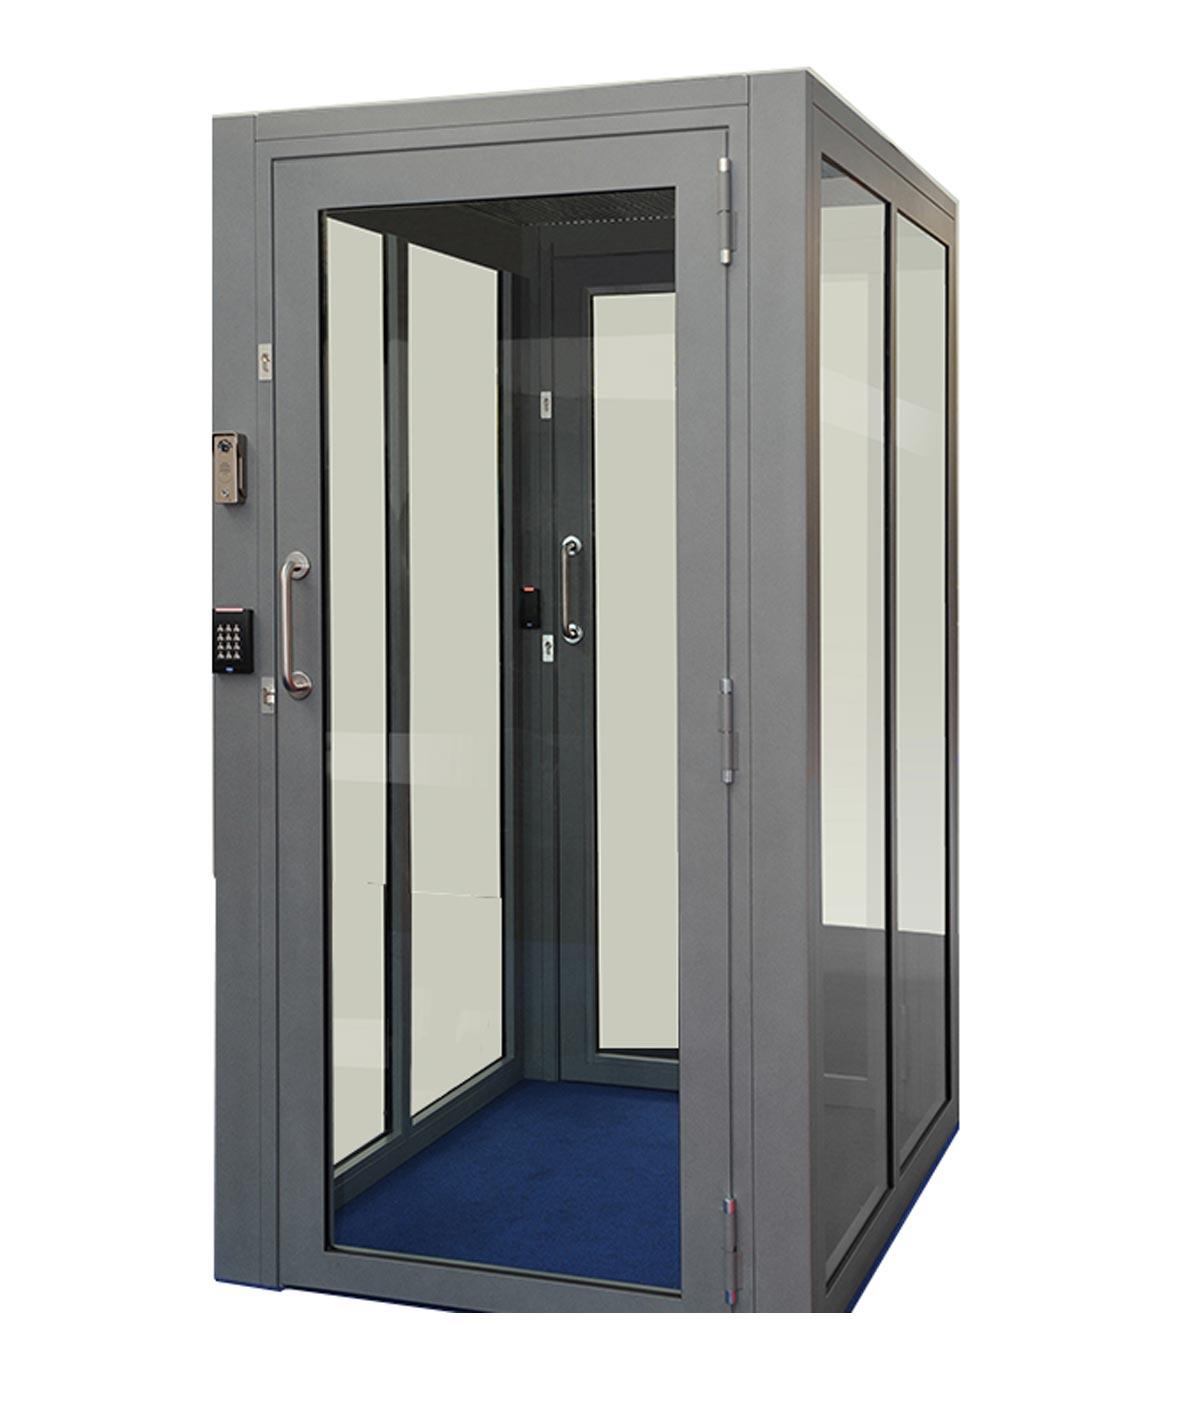 interlocking lock system man trap door system man trap door locks embassy entrance door flow control trap door interlock locking system